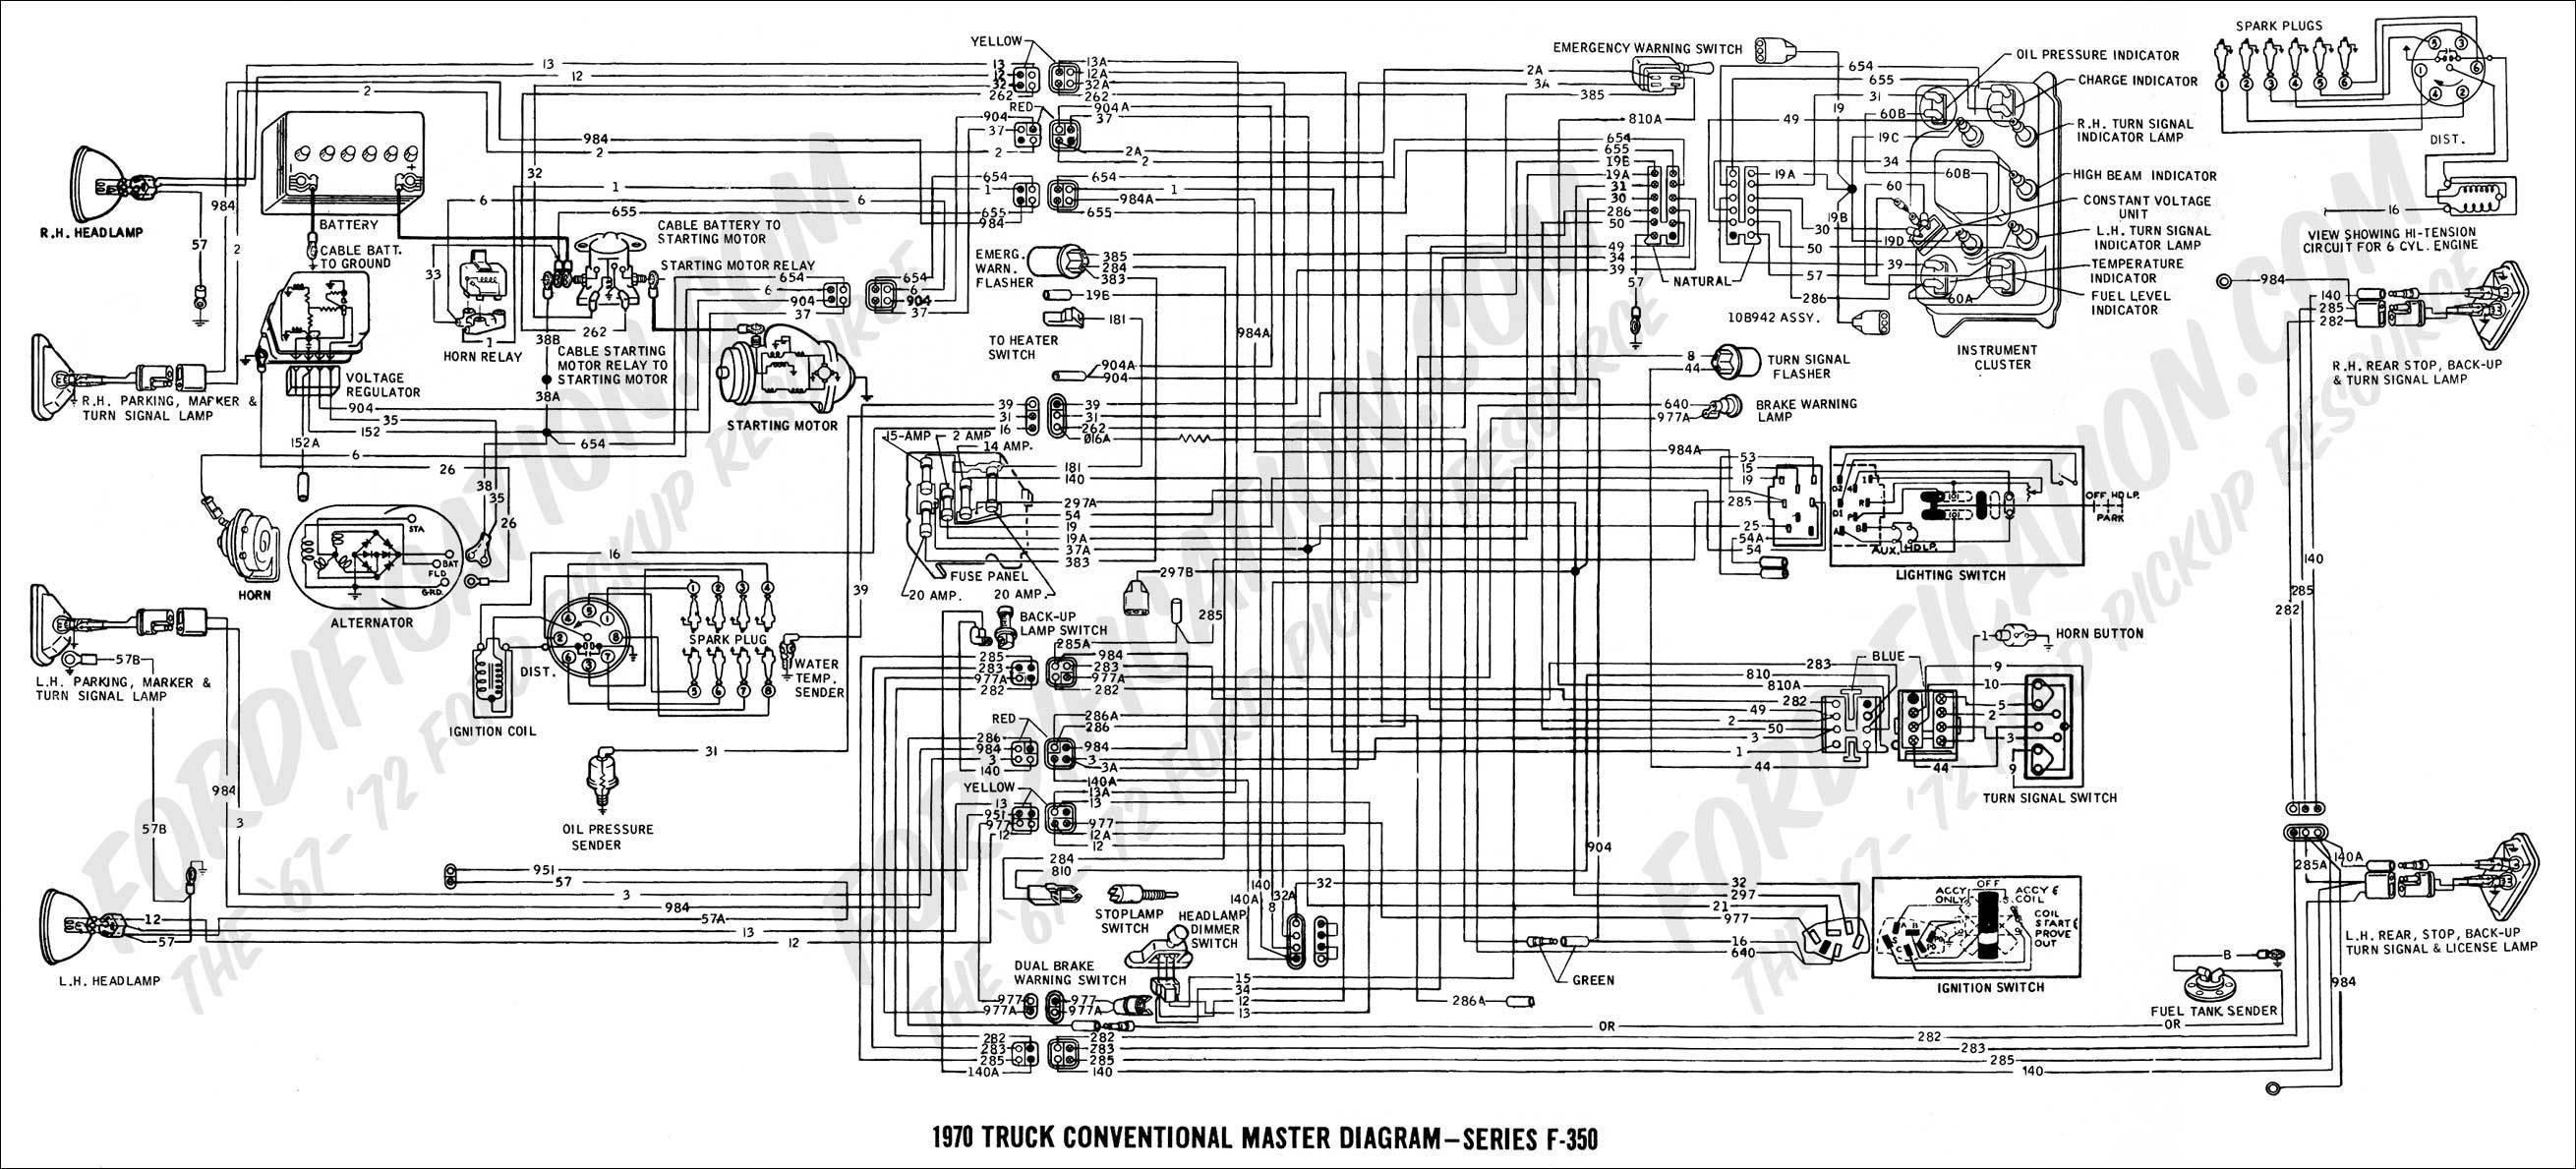 WRG-2077] 2000 F250 7 3 Glow Plug Relay Wiring Diagram on